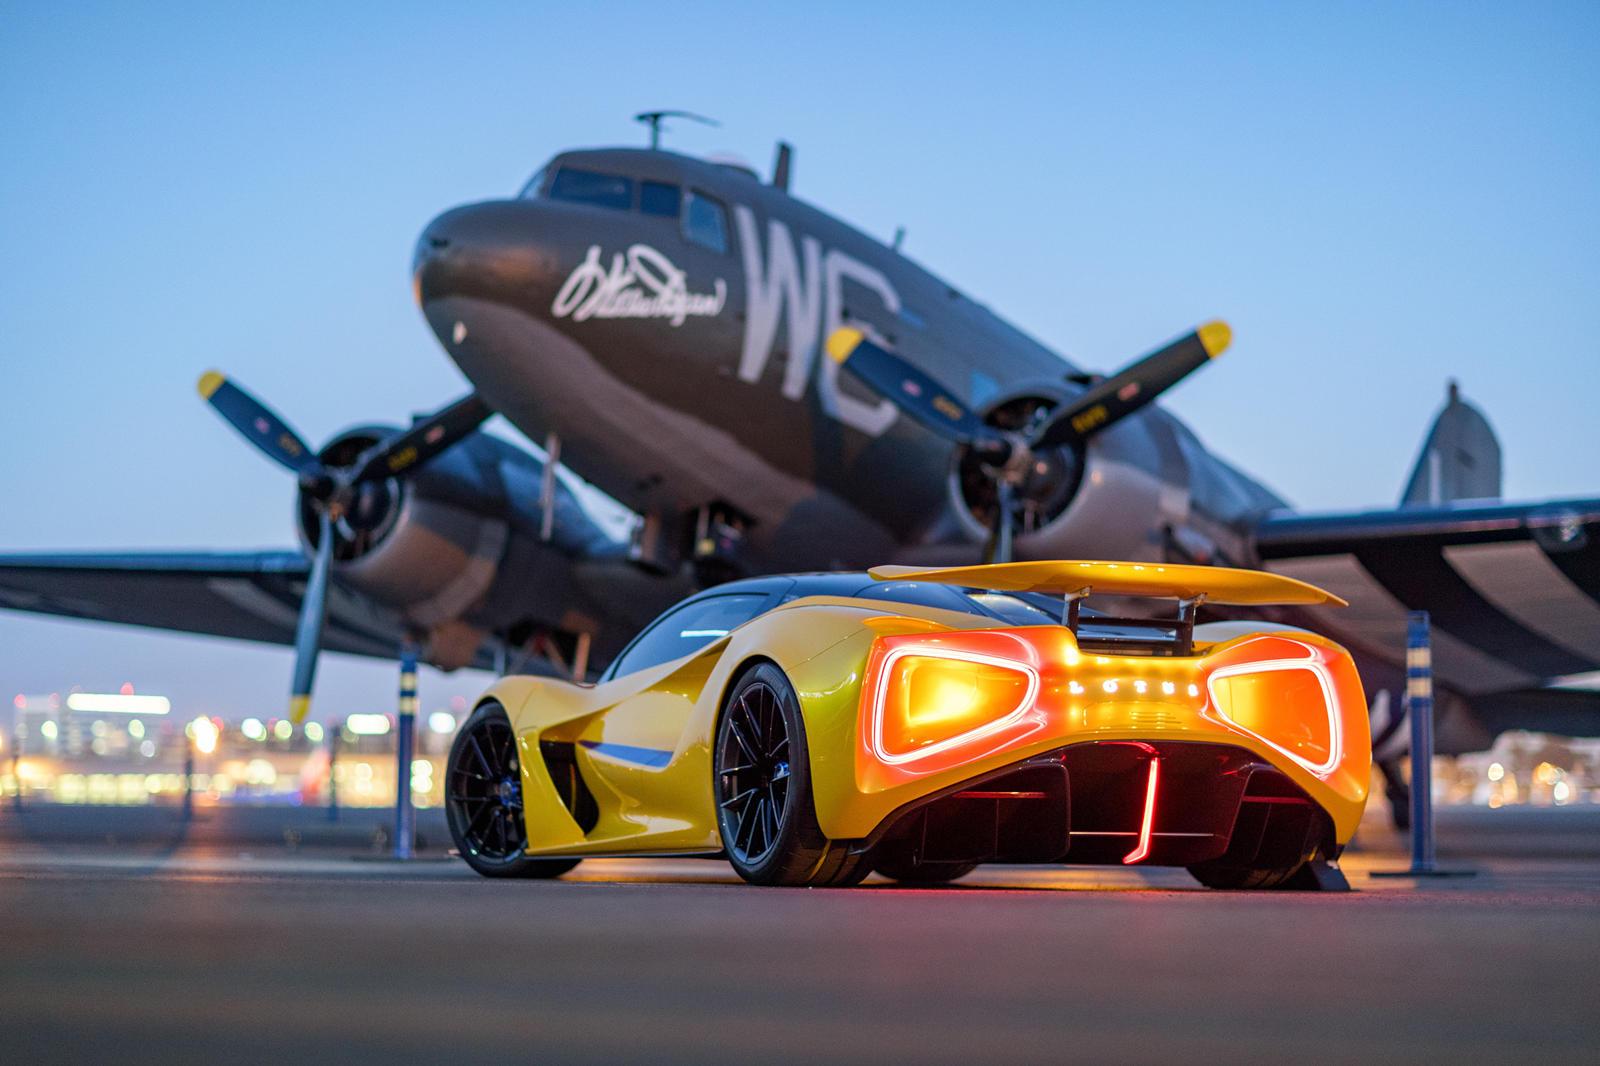 những-mẫu-xe-được-Lotus-mang-đến-Monterey-Car-Week-2021 (4).jpg